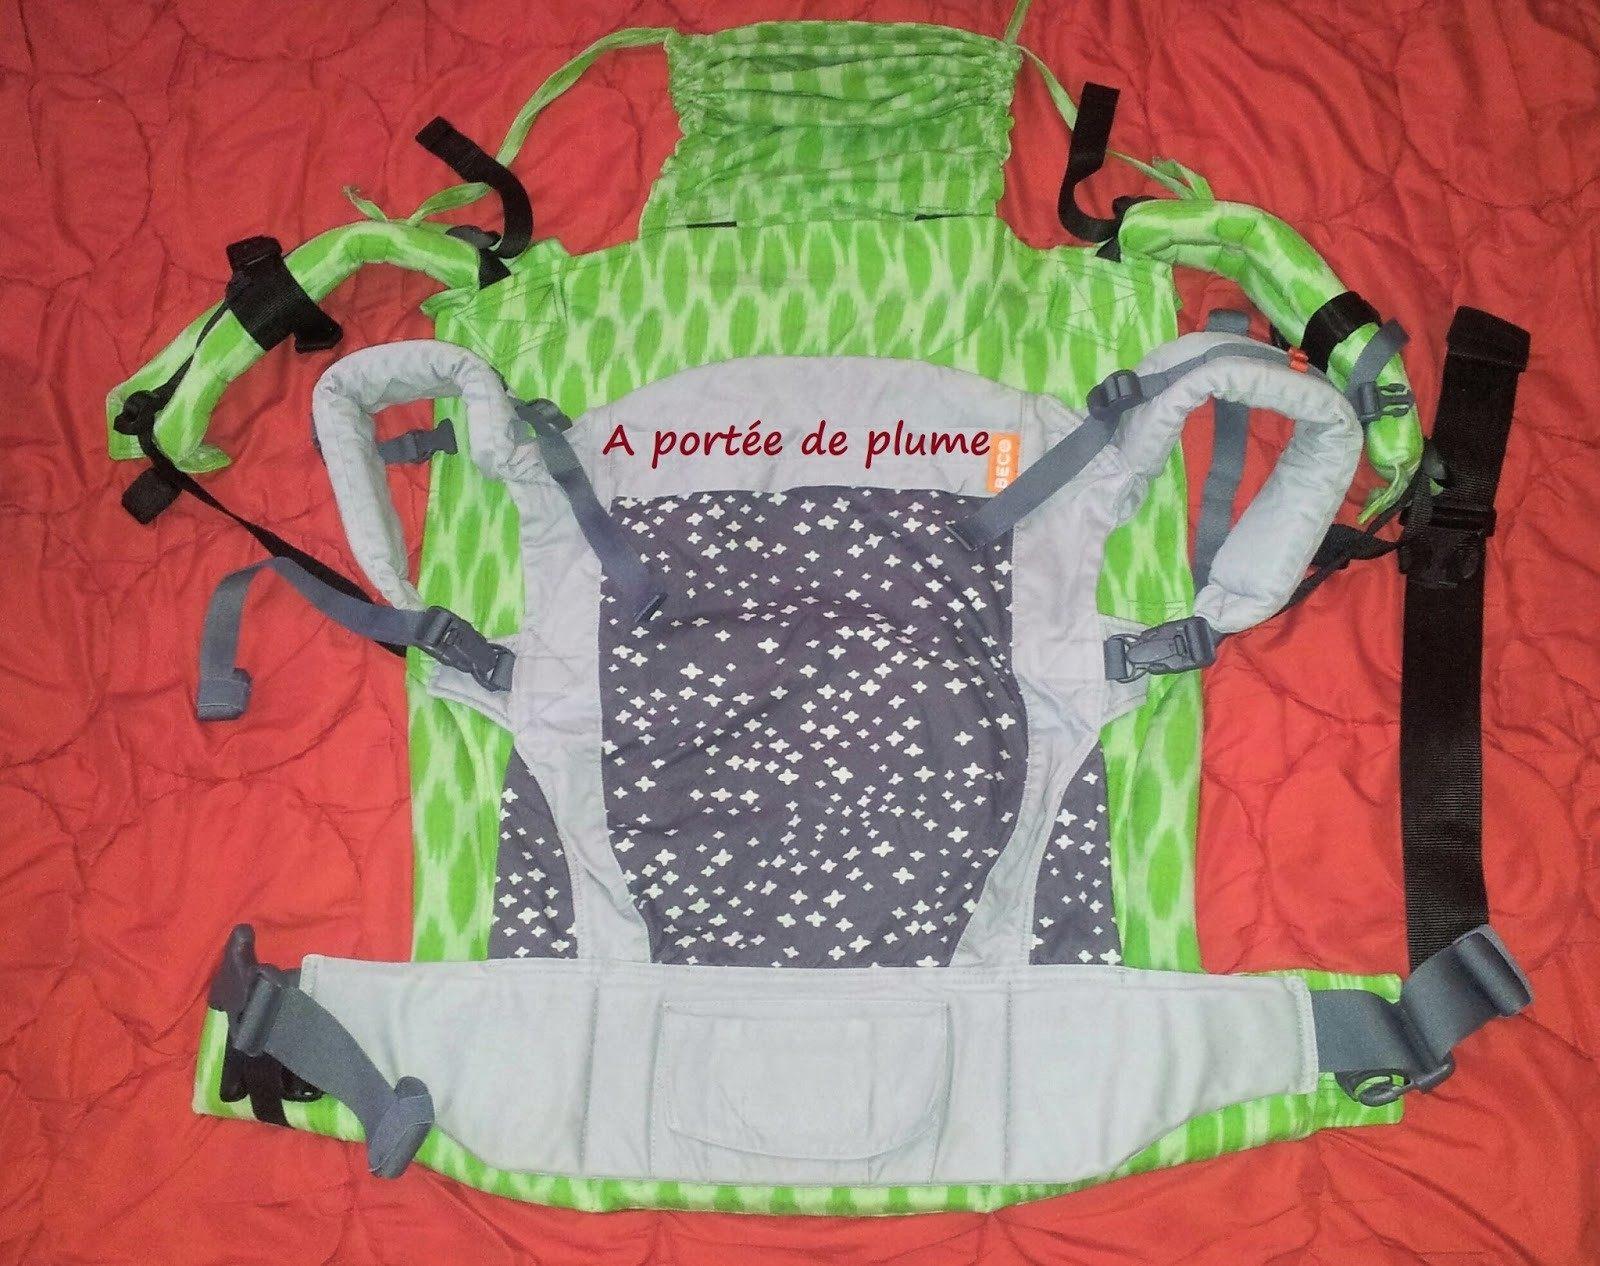 Lit Bébé Chicco Le Luxe Chaise Haute Pliante Bébé Inspirational Chaise Chaise Haute Pliante